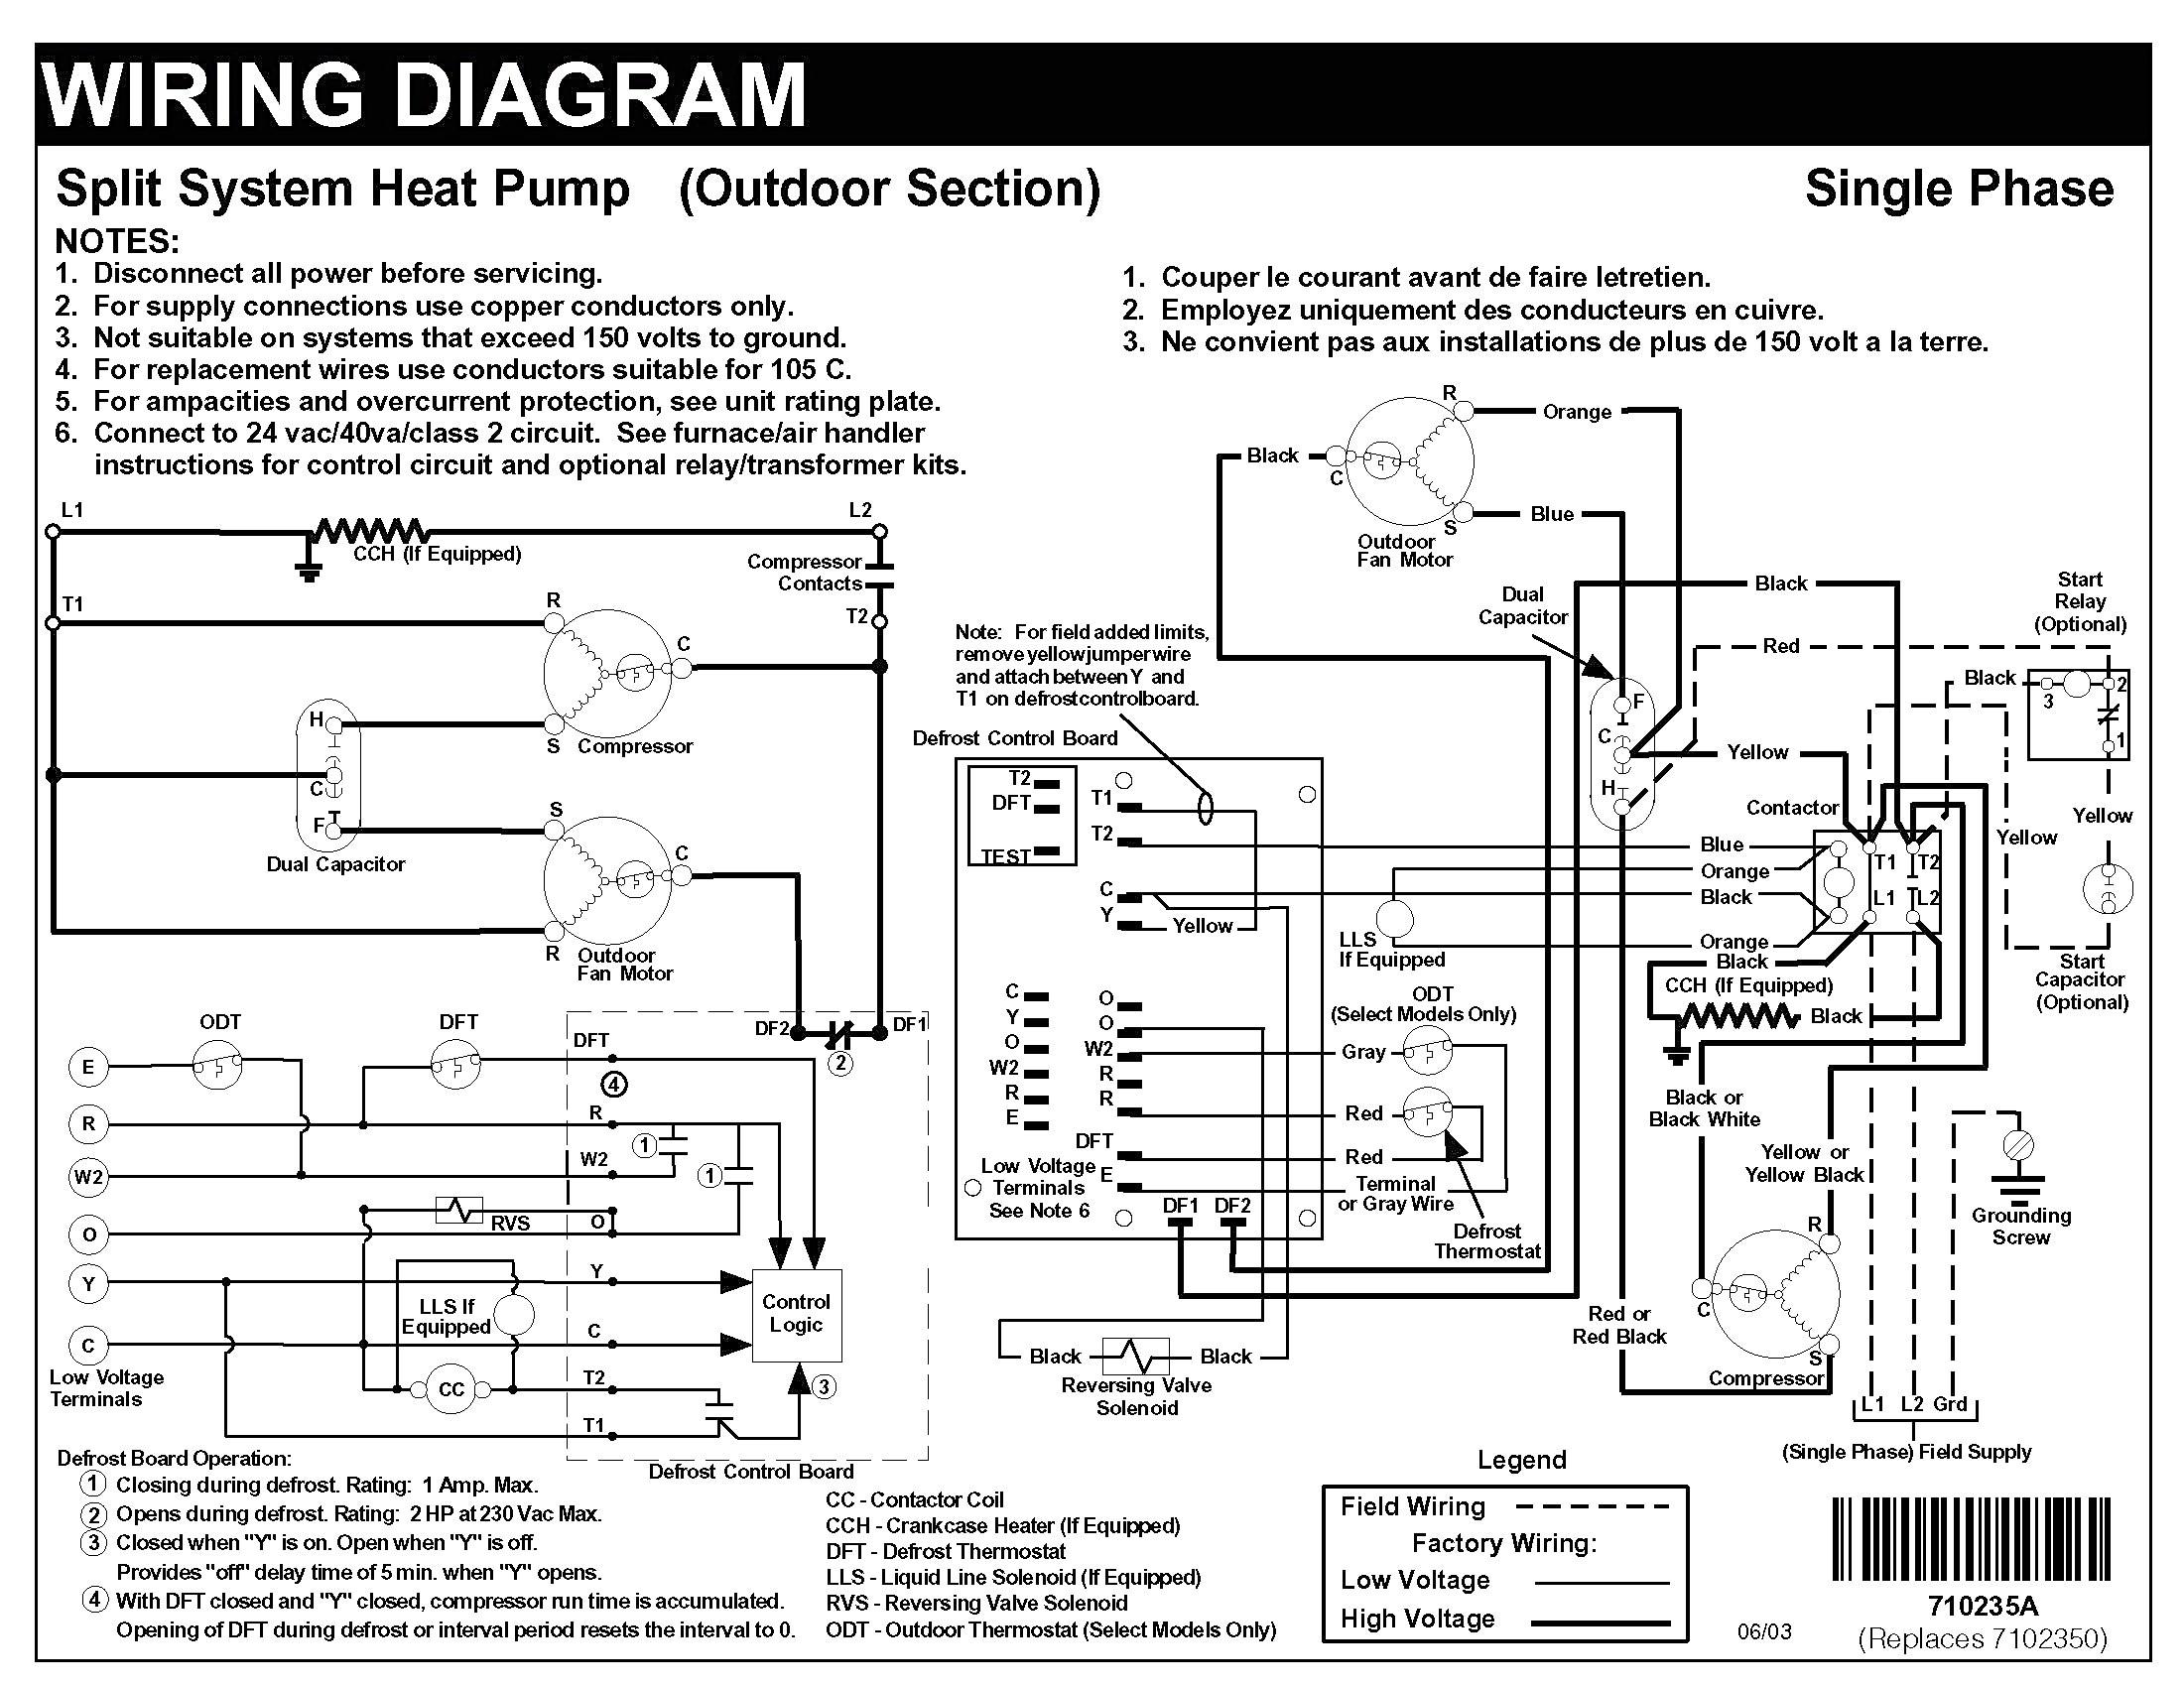 Ruud Heat Pump Wiring Diagram Heat Pump Wiring Diagram Enticing Design – Elektronik Of Ruud Heat Pump Wiring Diagram